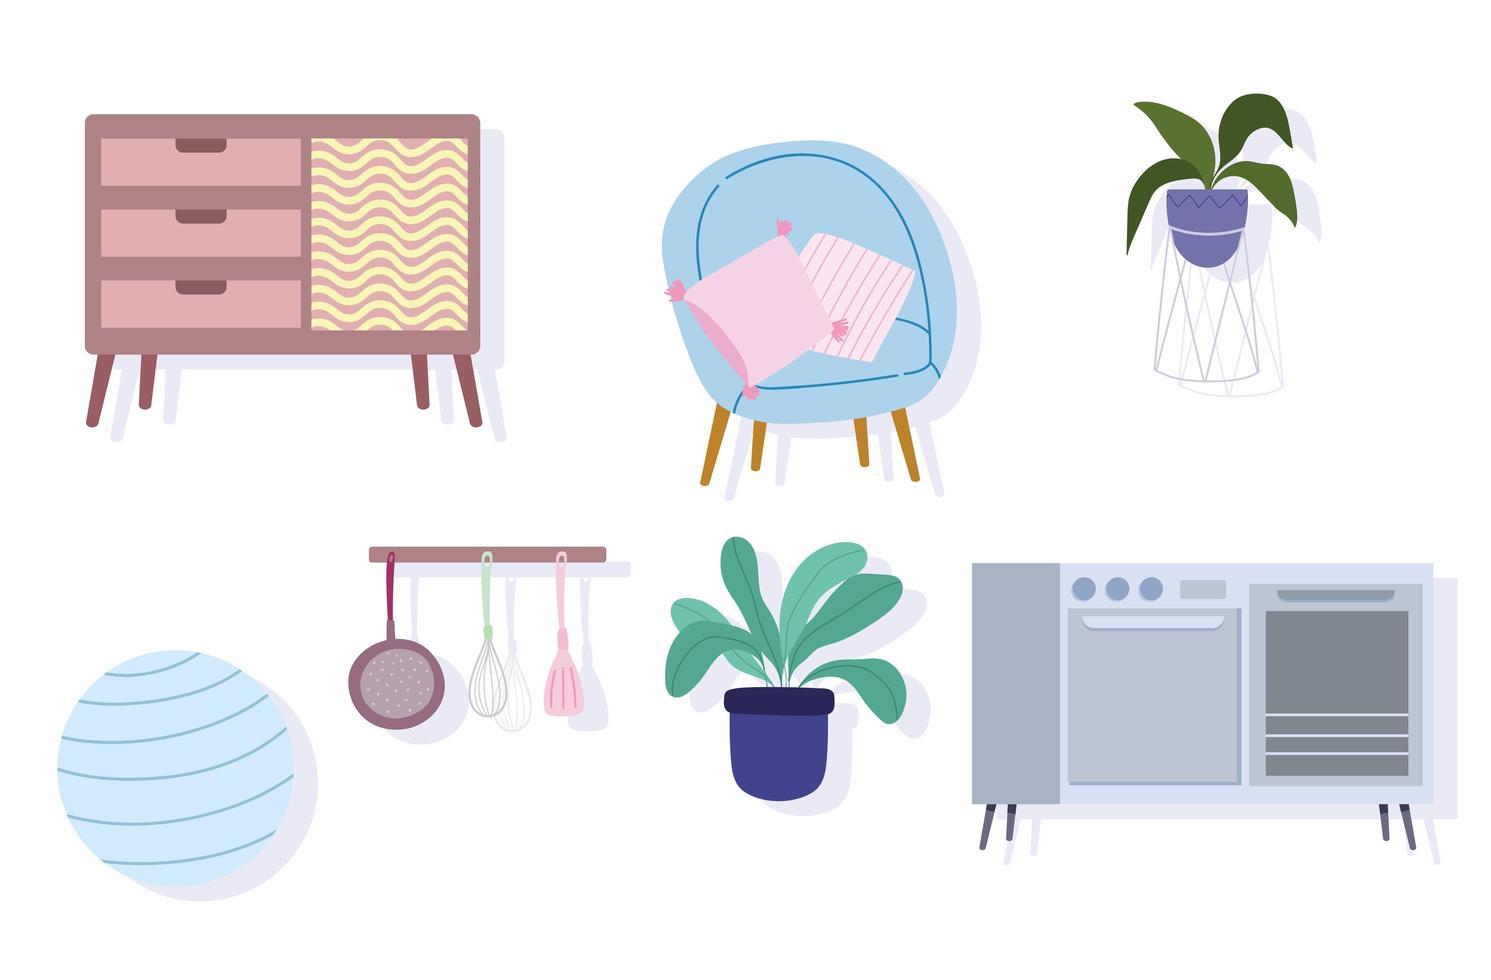 Iconos de estufa, muebles, sillas, bolas, plantas y cubiertos vector